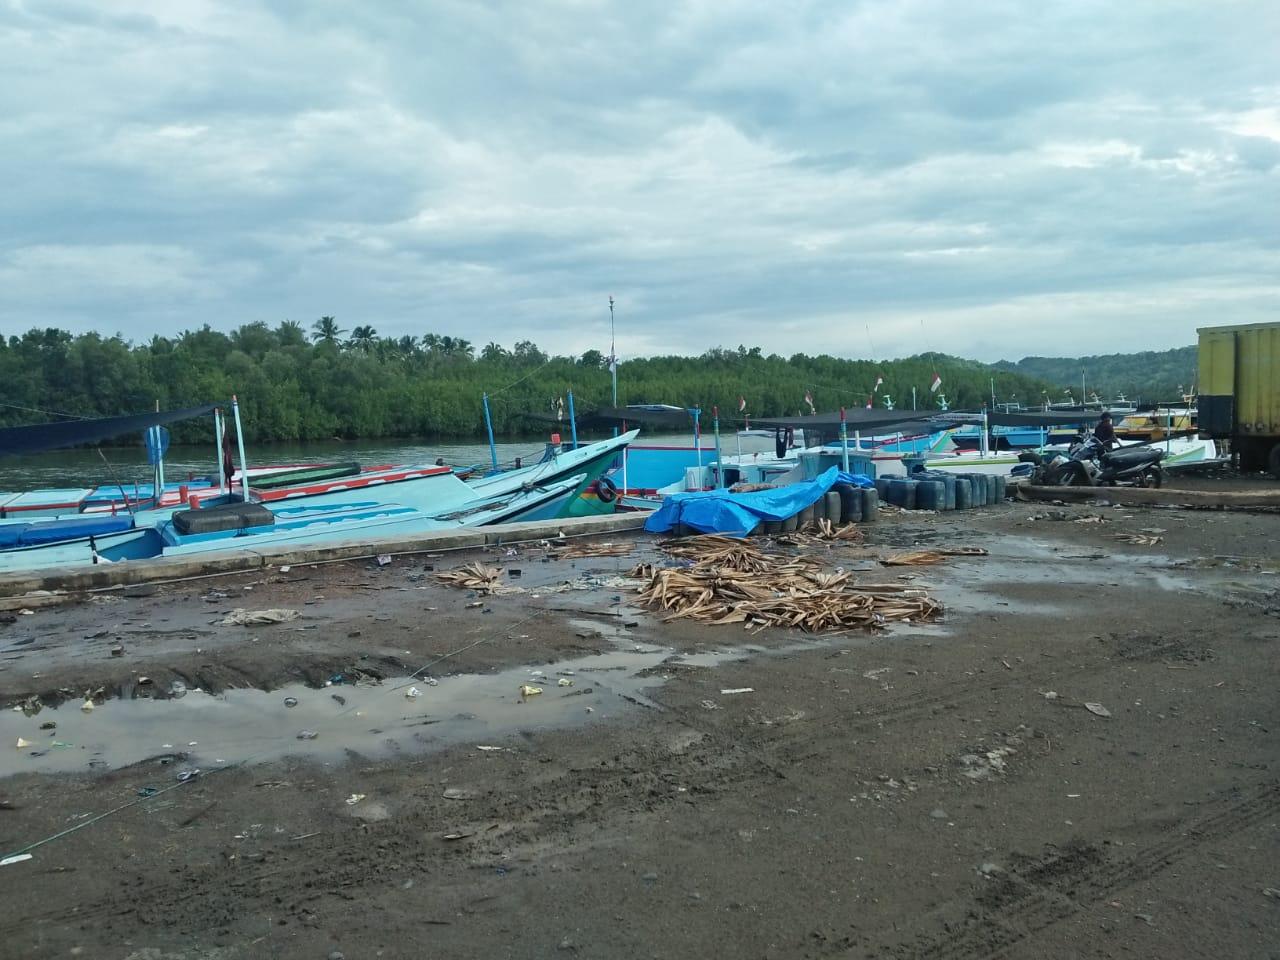 Pelabuhan kecil di Desa Tongke-Tongke Sinjai. Ditempat ini, Kepala Desa Sirajuddin beserta rombongan berangkat ke NTT untuk menjemput warganya yang selamat dari Badai Seroja. /Ashari/AKURATNEWS